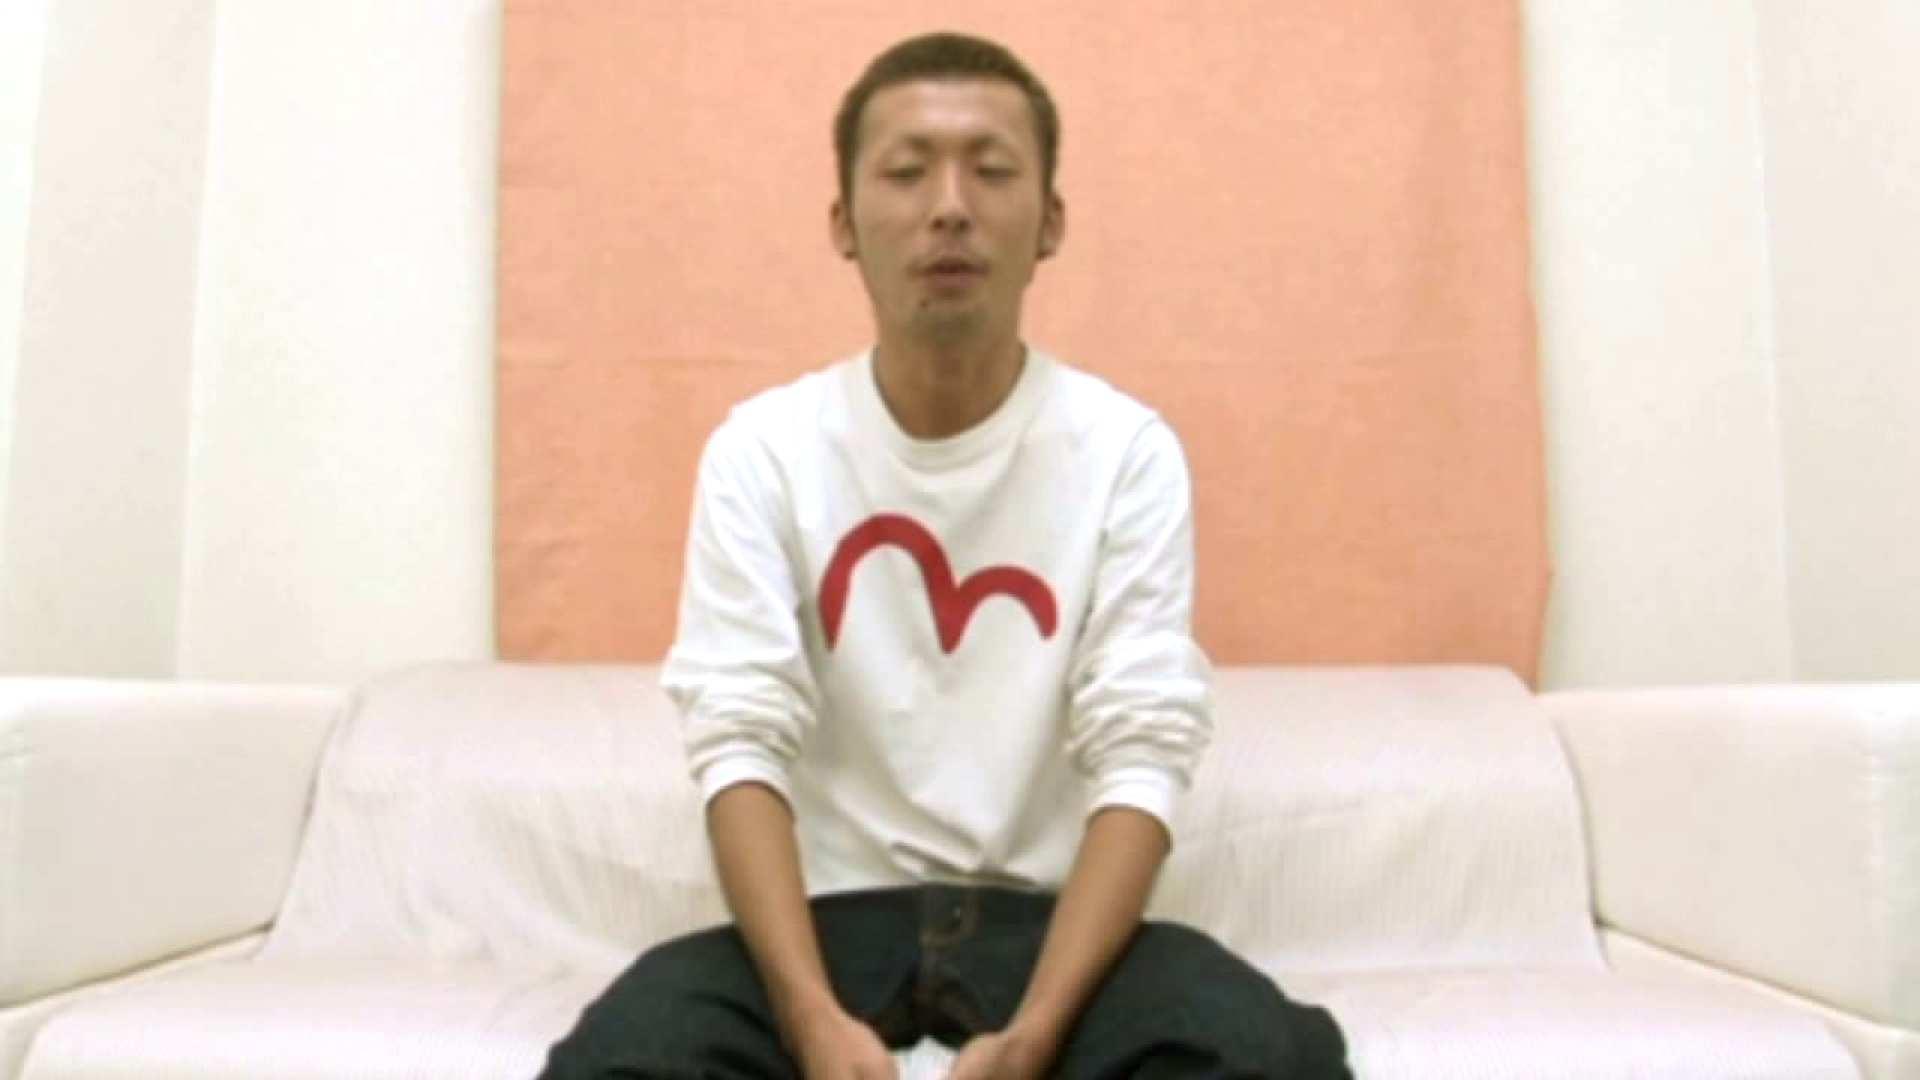 ノンケ!自慰スタジオ No.11 オナニー アダルトビデオ画像キャプチャ 88枚 28